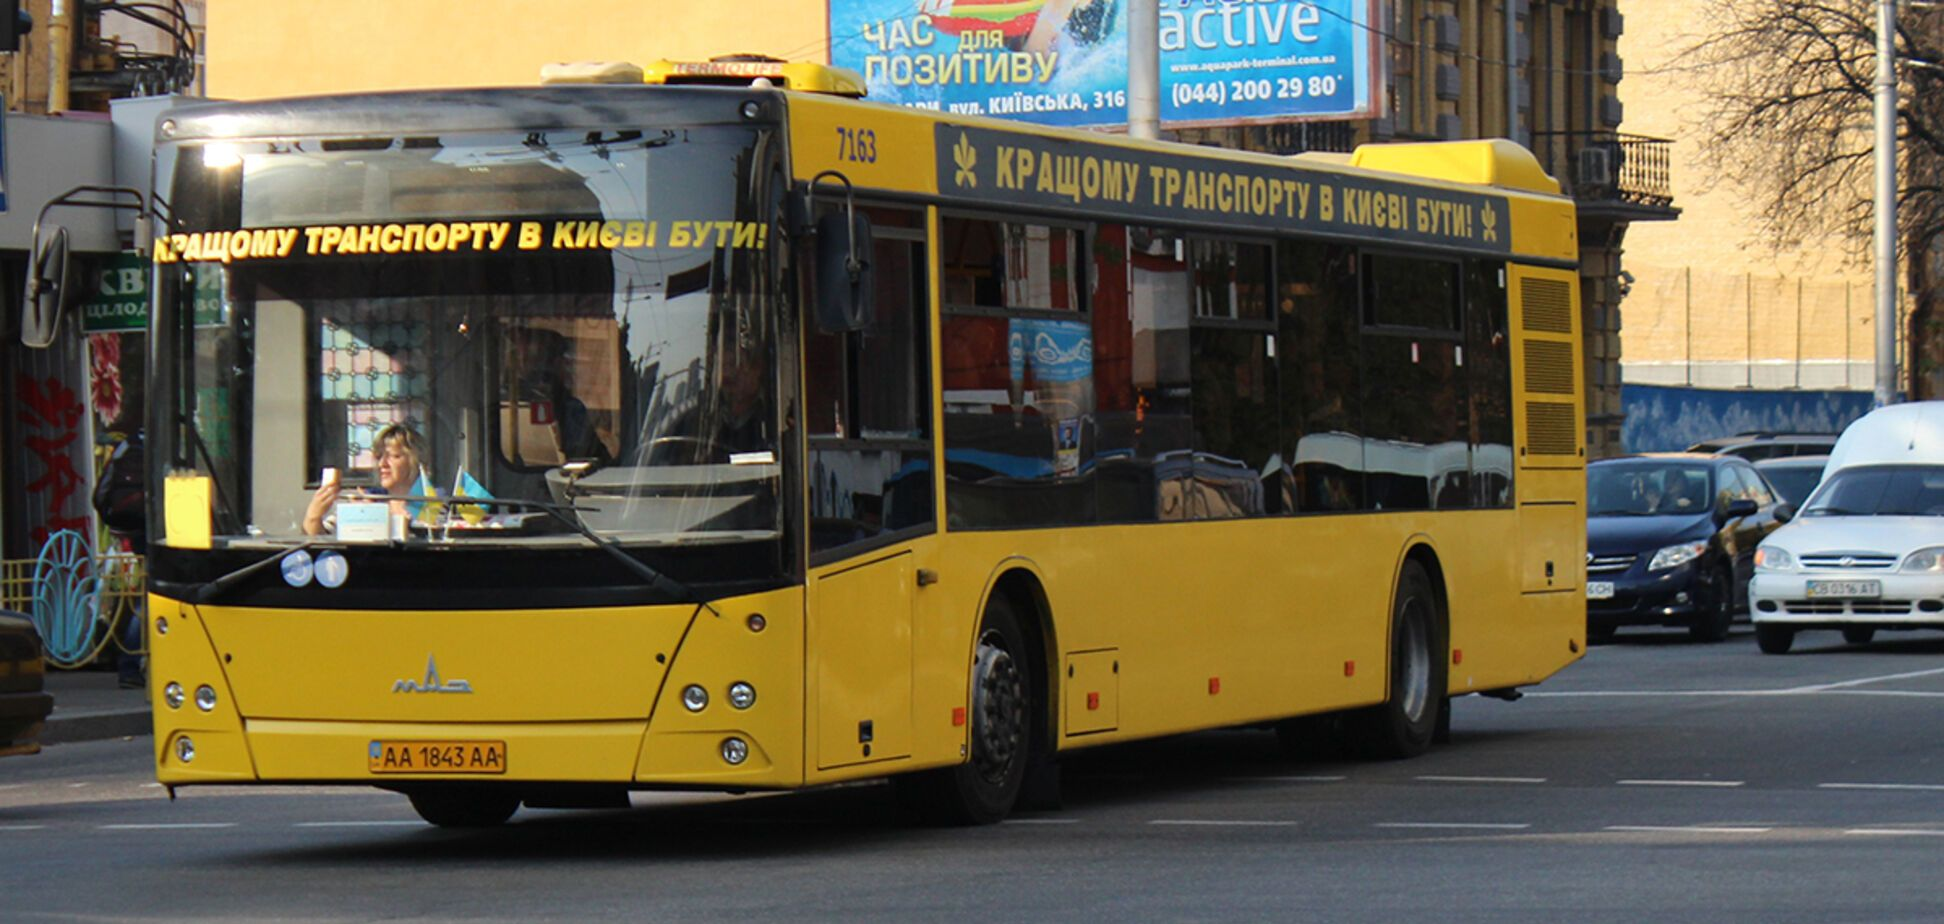 В Киеве восстановят часть автобусных маршрутов. Иллюстрация